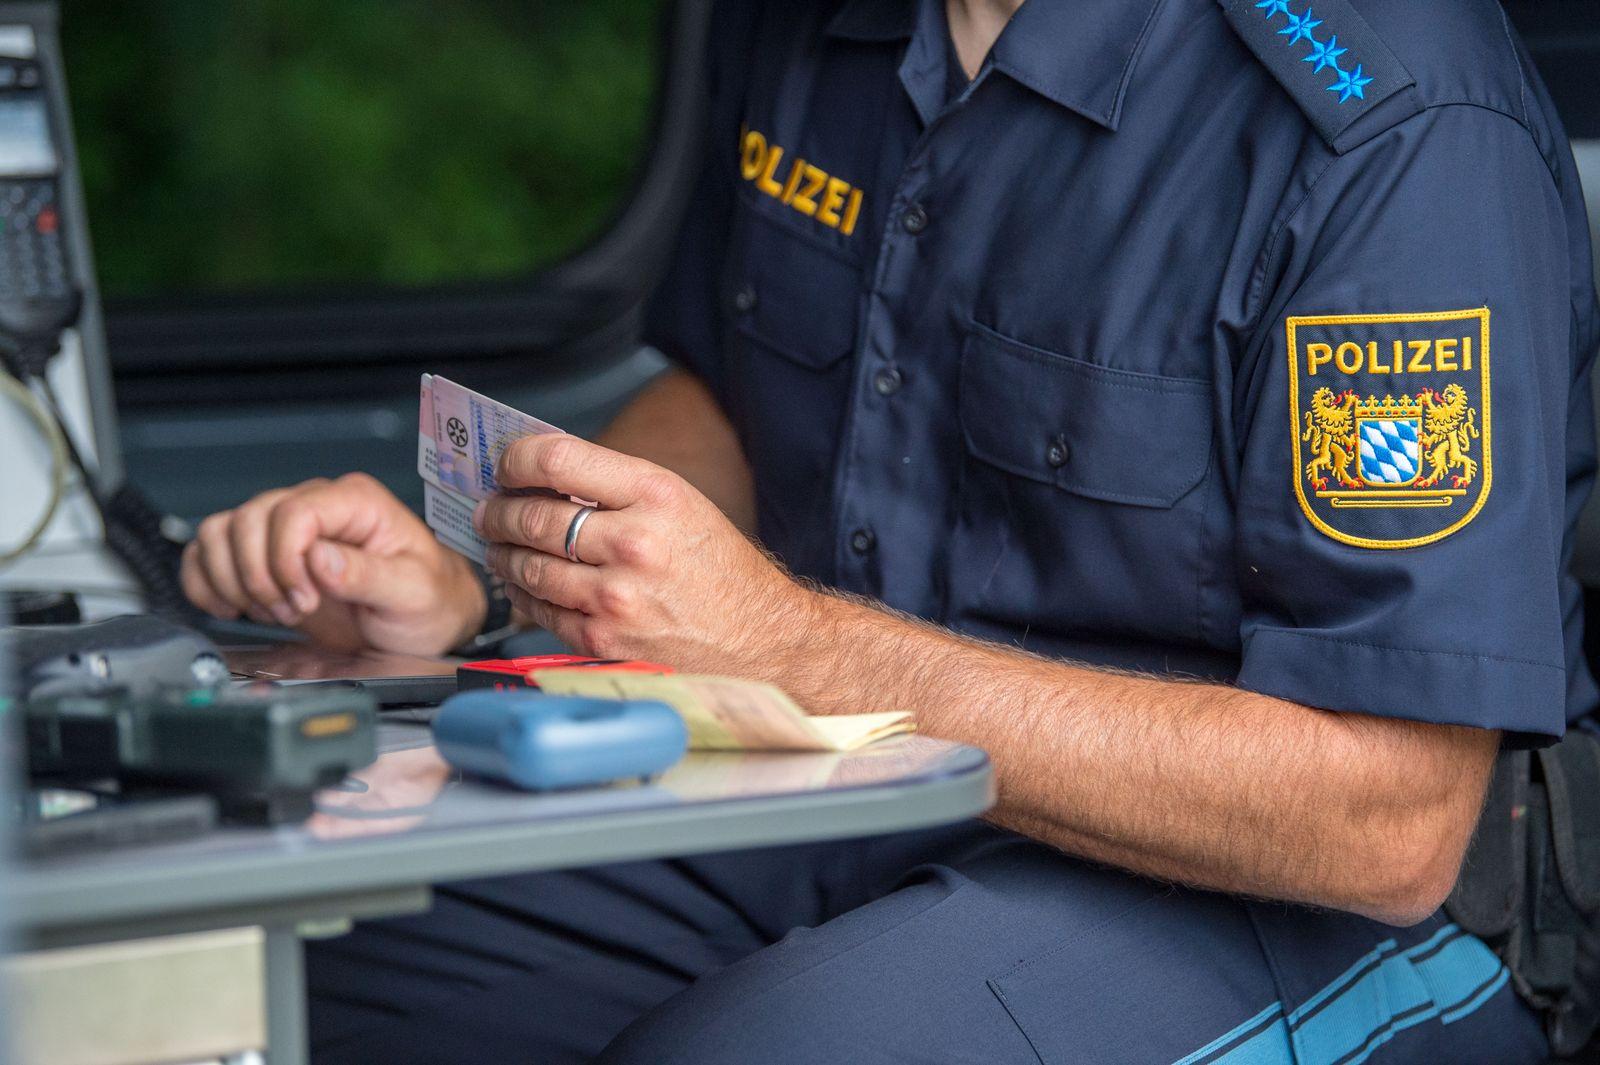 Bayerische Grenzpolize